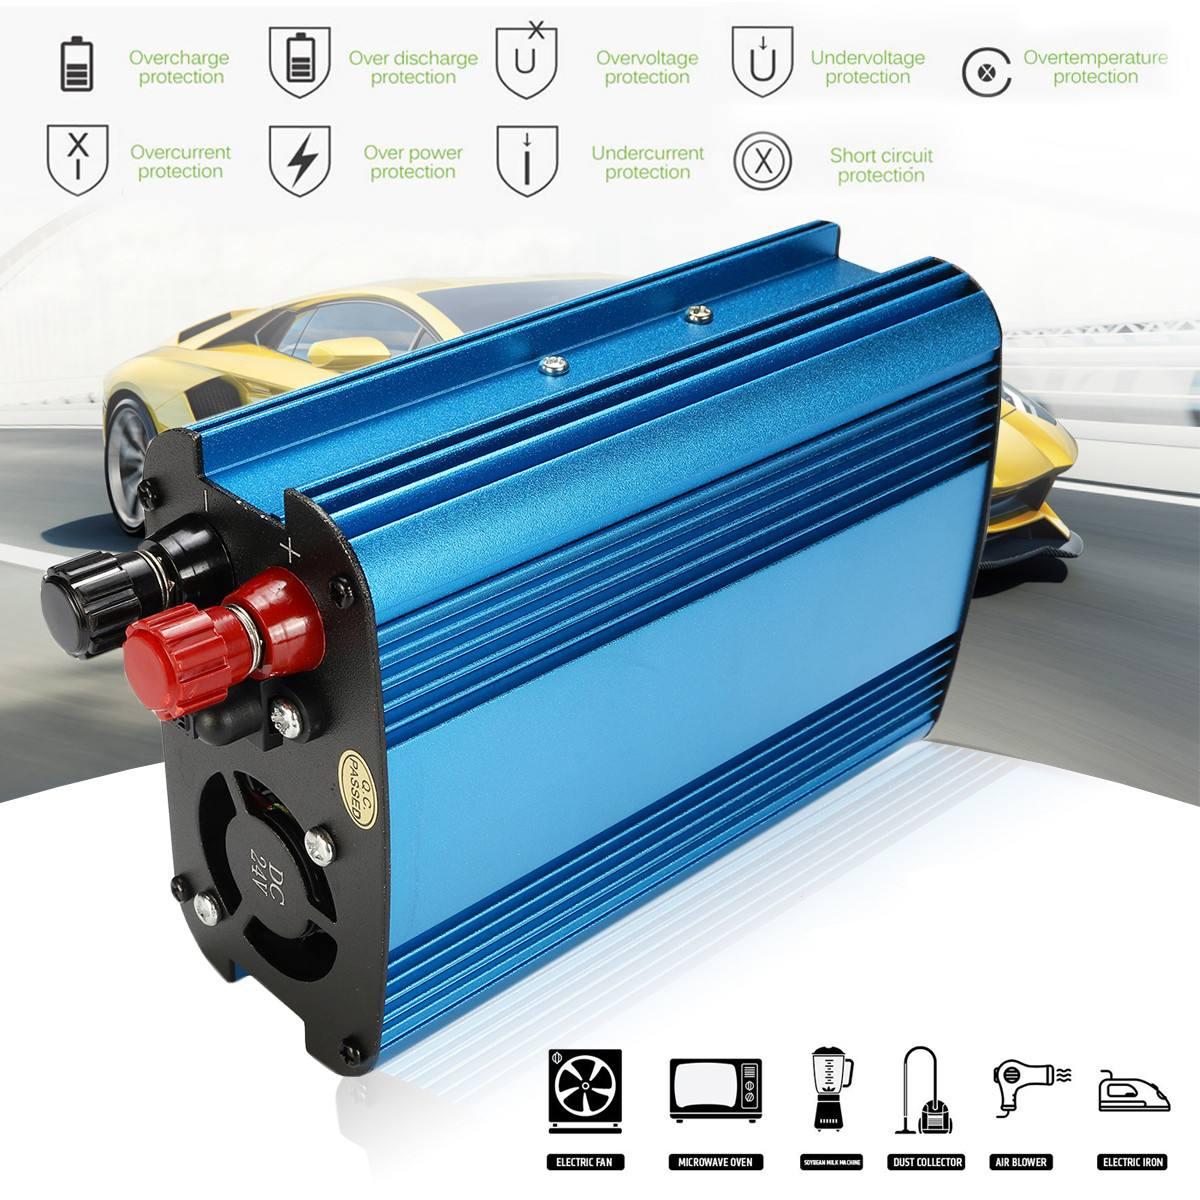 1000W/2000W USB Inverter DC 12V/24V to AC 220V Modified Sine Wave Car Power Inverter Charger Converter Adapter LED Display